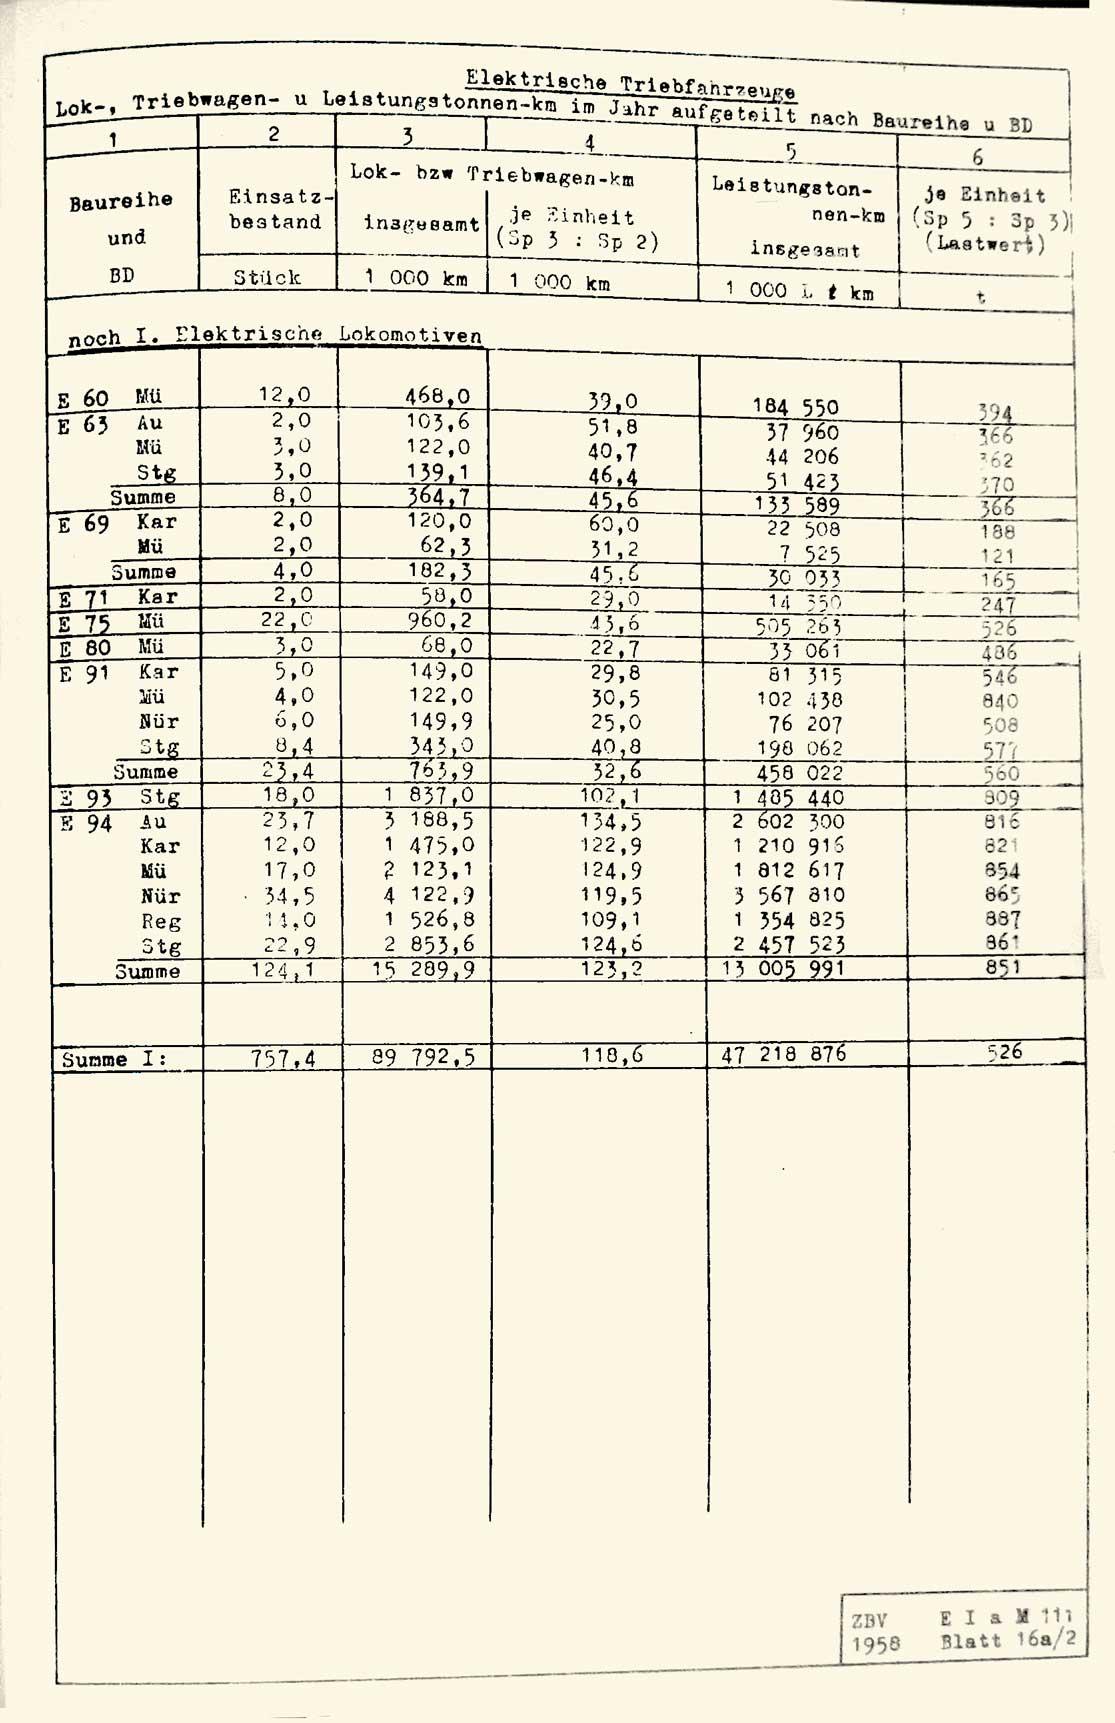 Elektr-Zugfoerderung-1958-2